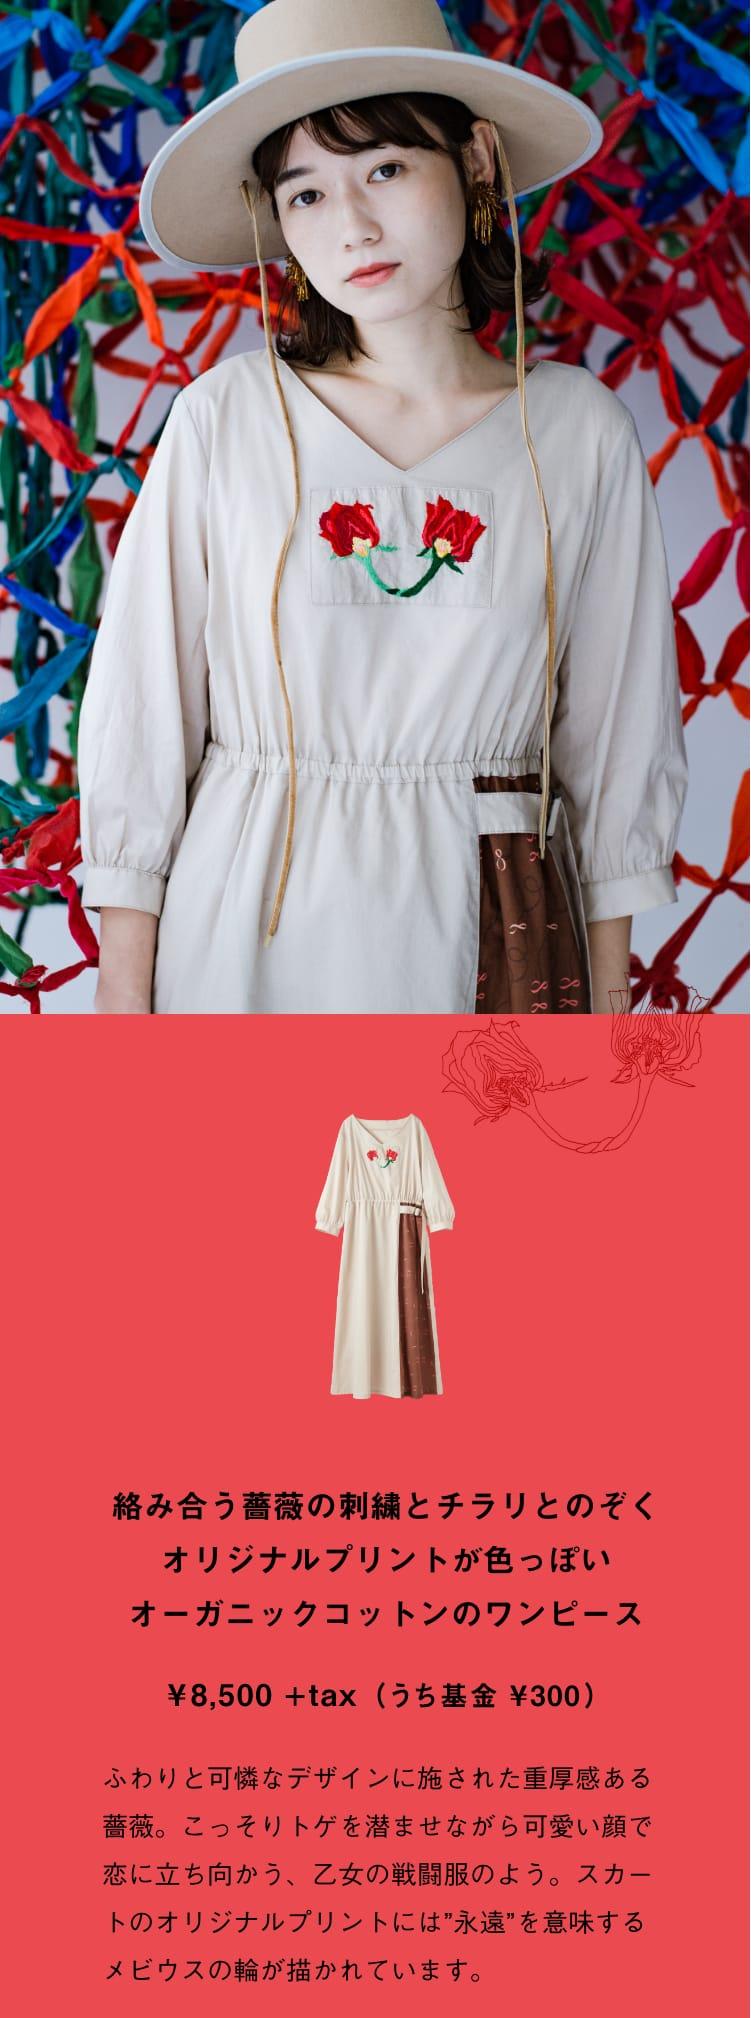 """3月上旬、発売予定 絡み合う薔薇の刺繍とチラリとのぞくオリジナルプリントが色っぽいオーガニックコットンのワンピース ¥8,500+tax(うち基金 ¥300)ふわりと可憐なデザインに施された重厚感ある薔薇。こっそりトゲを潜ませながら可愛い顔で恋に立ち向かう、乙女の戦闘服のよう。スカートのオリジナルプリントには""""永遠""""を意味するメビウスの輪が描かれています。"""